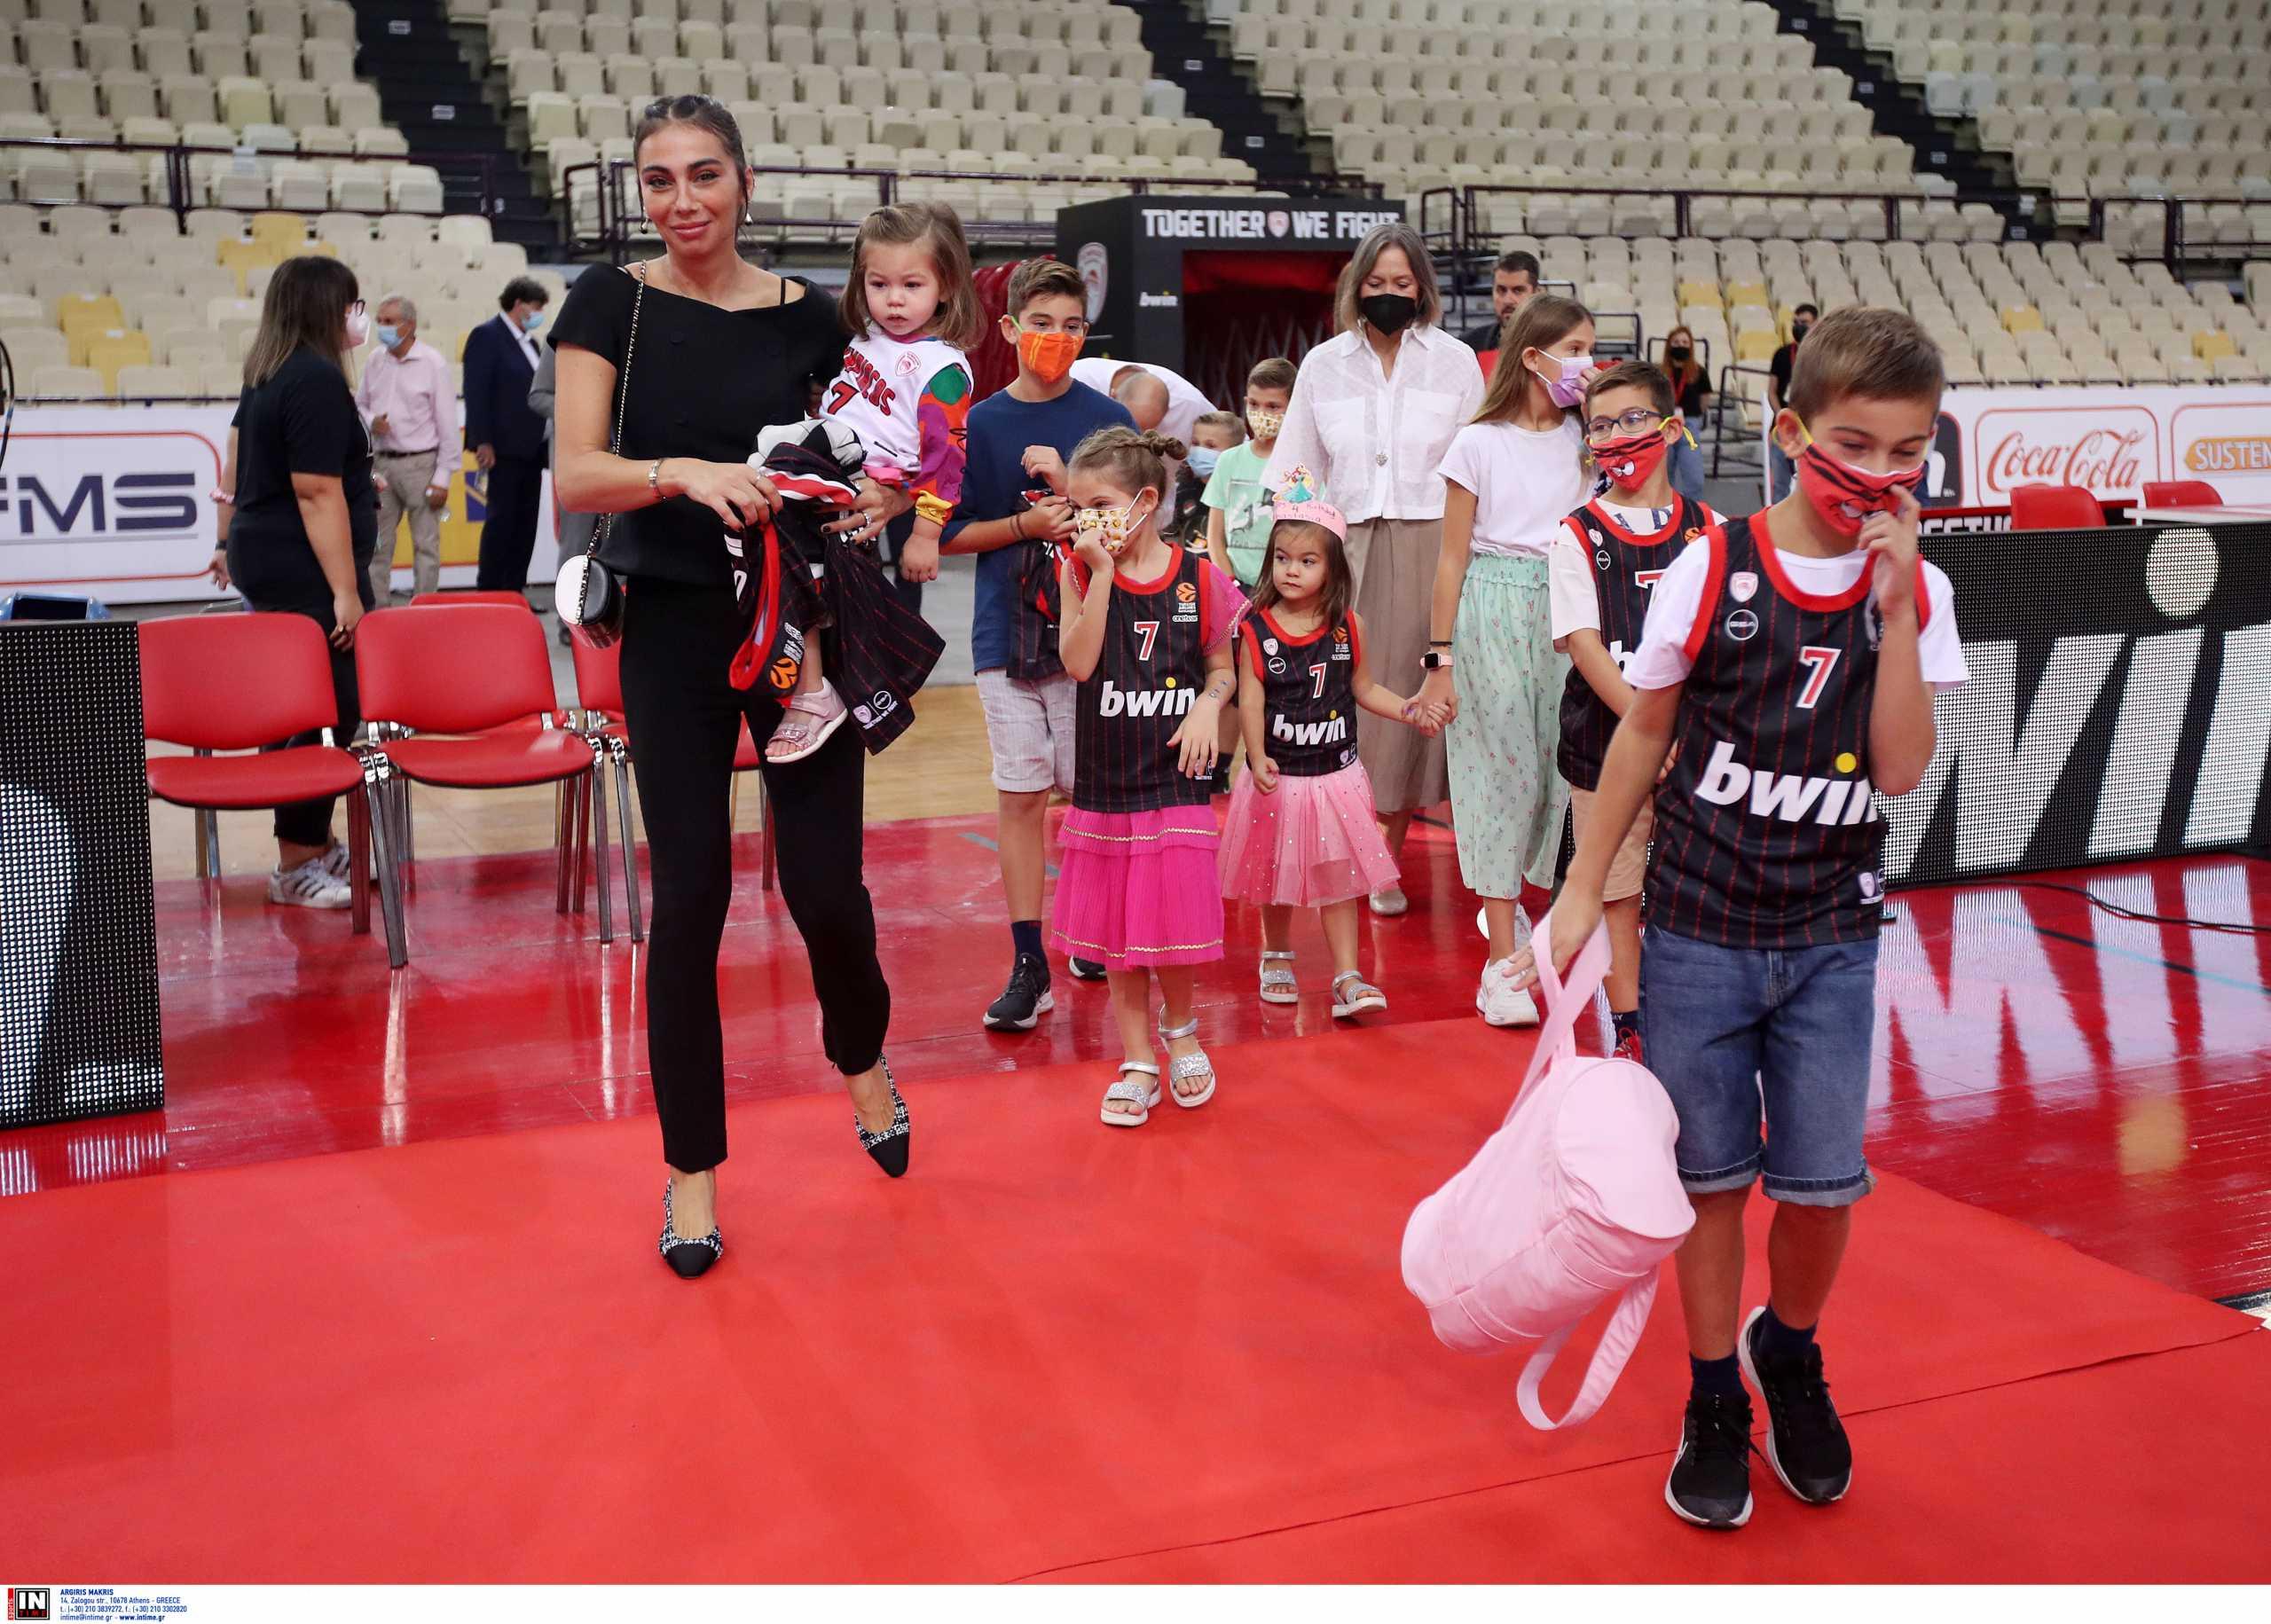 Ολυμπιακός – Βασίλης Σπανούλης: Η Ολυμπία Χοψονίδου και τα έξι παιδιά τους «έκλεψαν» την παράσταση